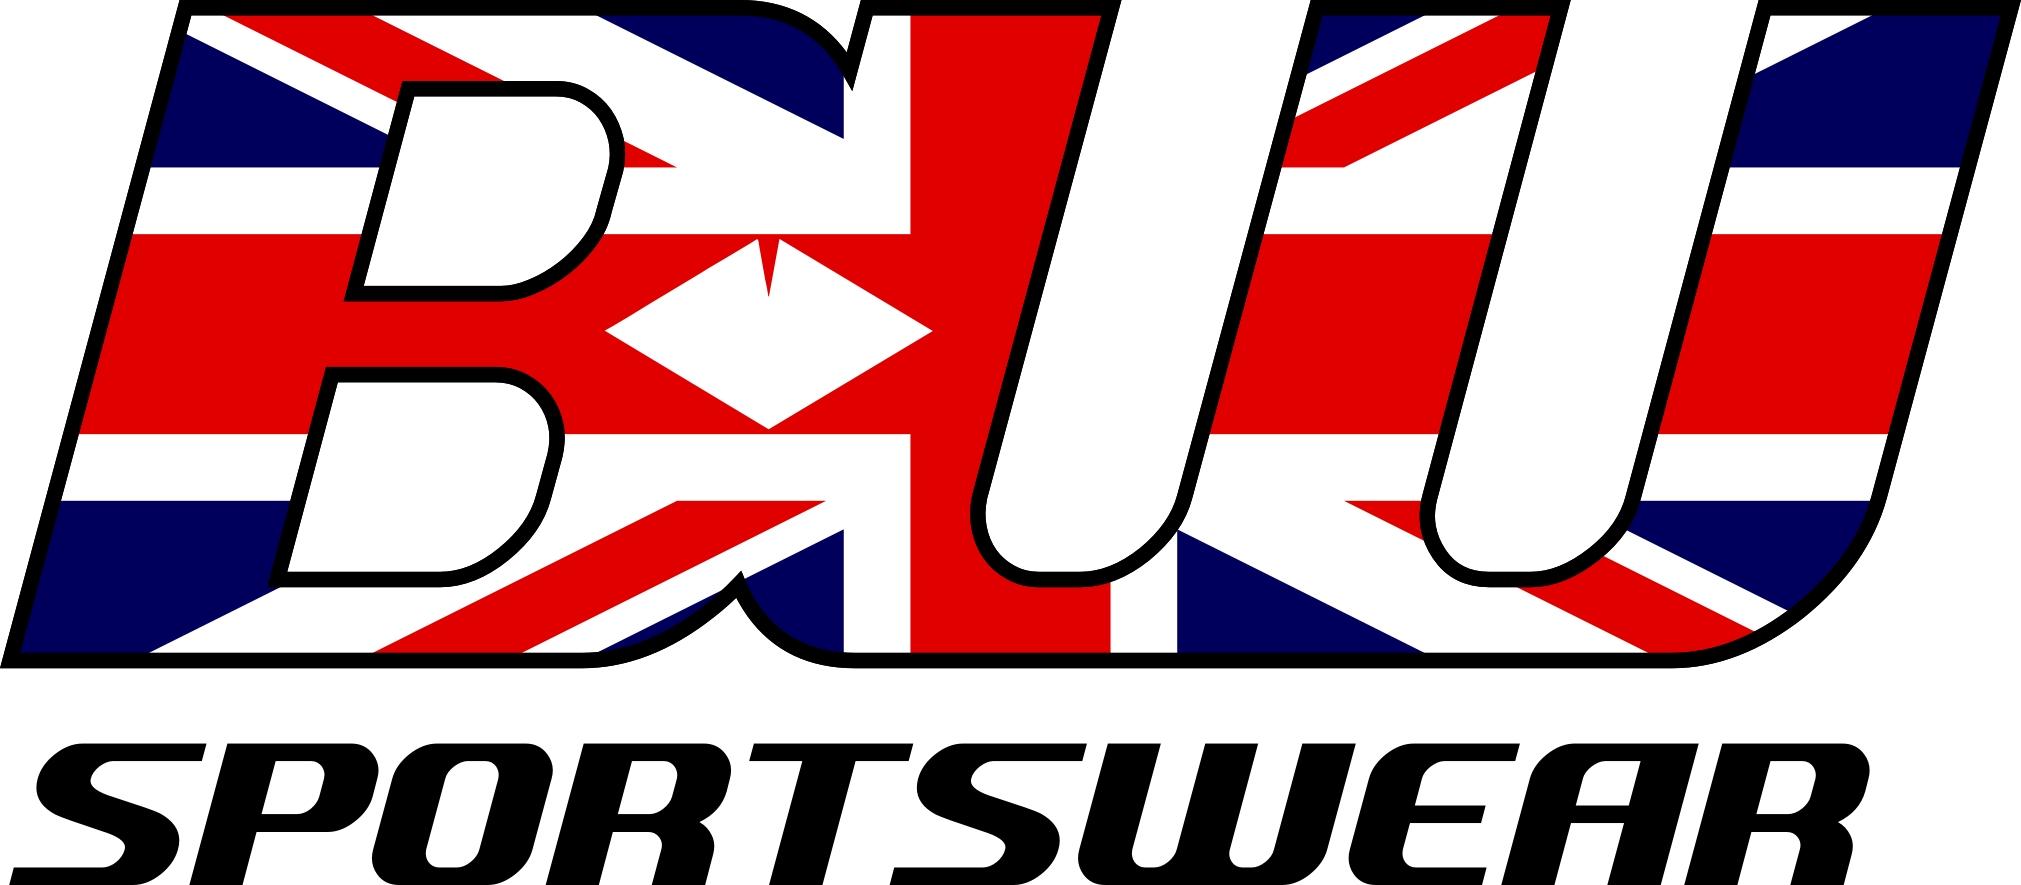 bw-sportswear.jpg